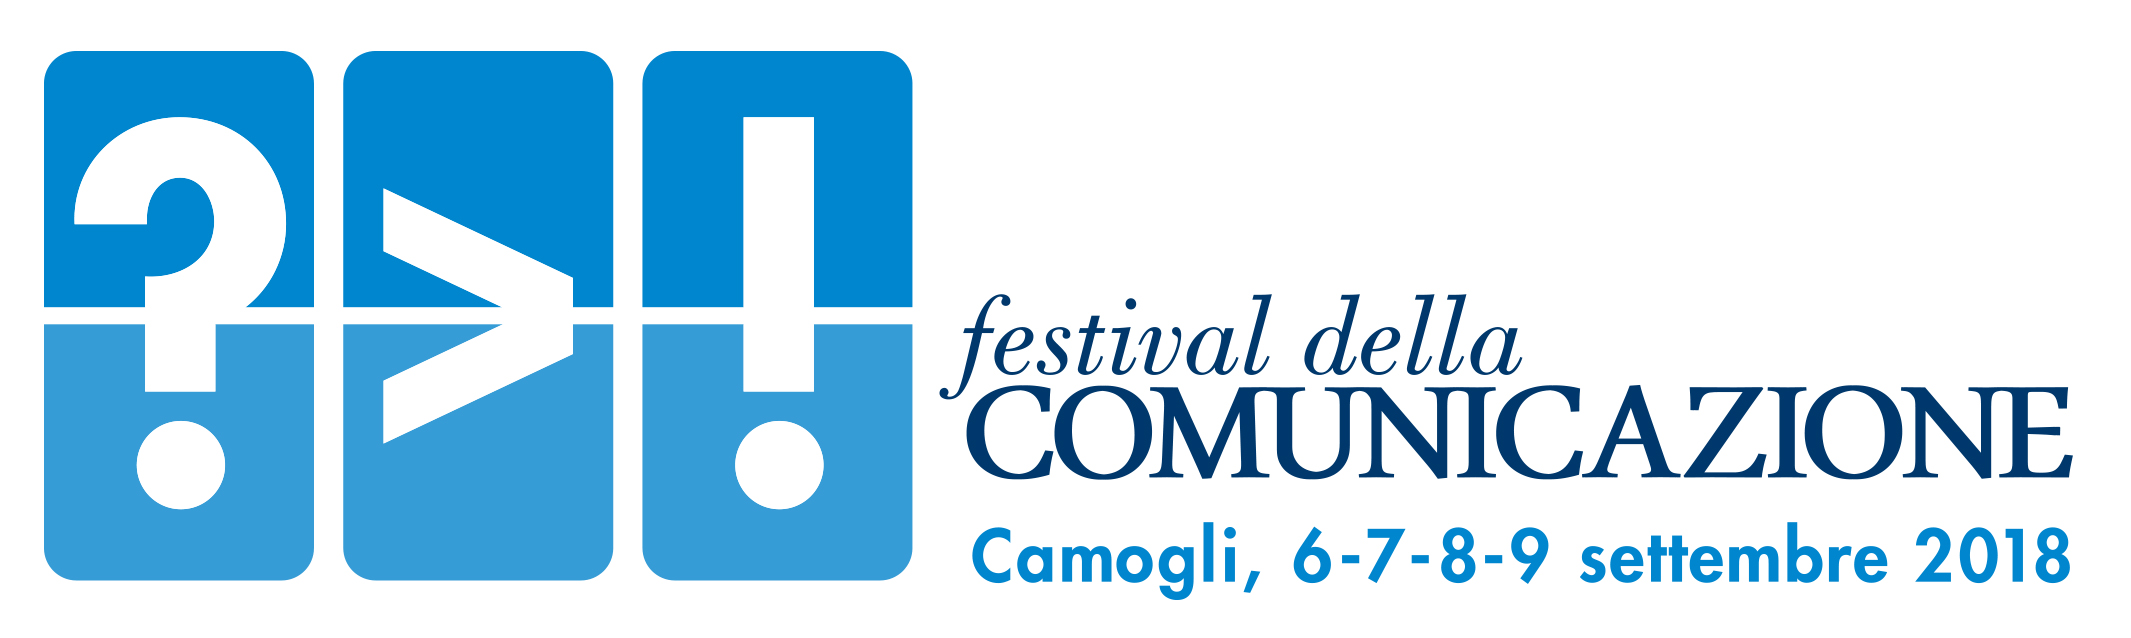 CollateralMente al Festival della Comunicazione